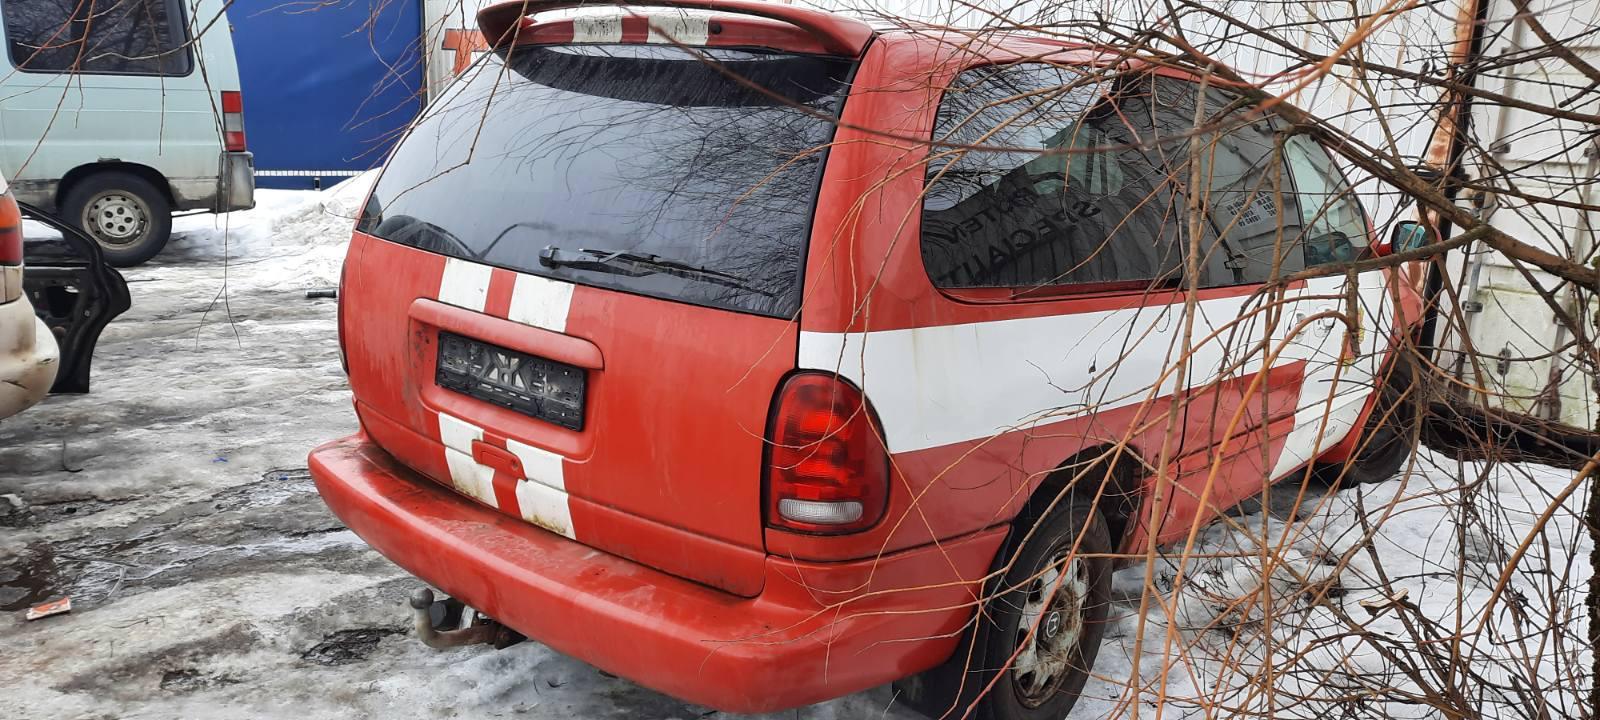 Подержанные Автозапчасти Dodge GRAND CARAVAN 2000 3.3 автоматическая минивэн 4/5 d. красный 2021-2-24